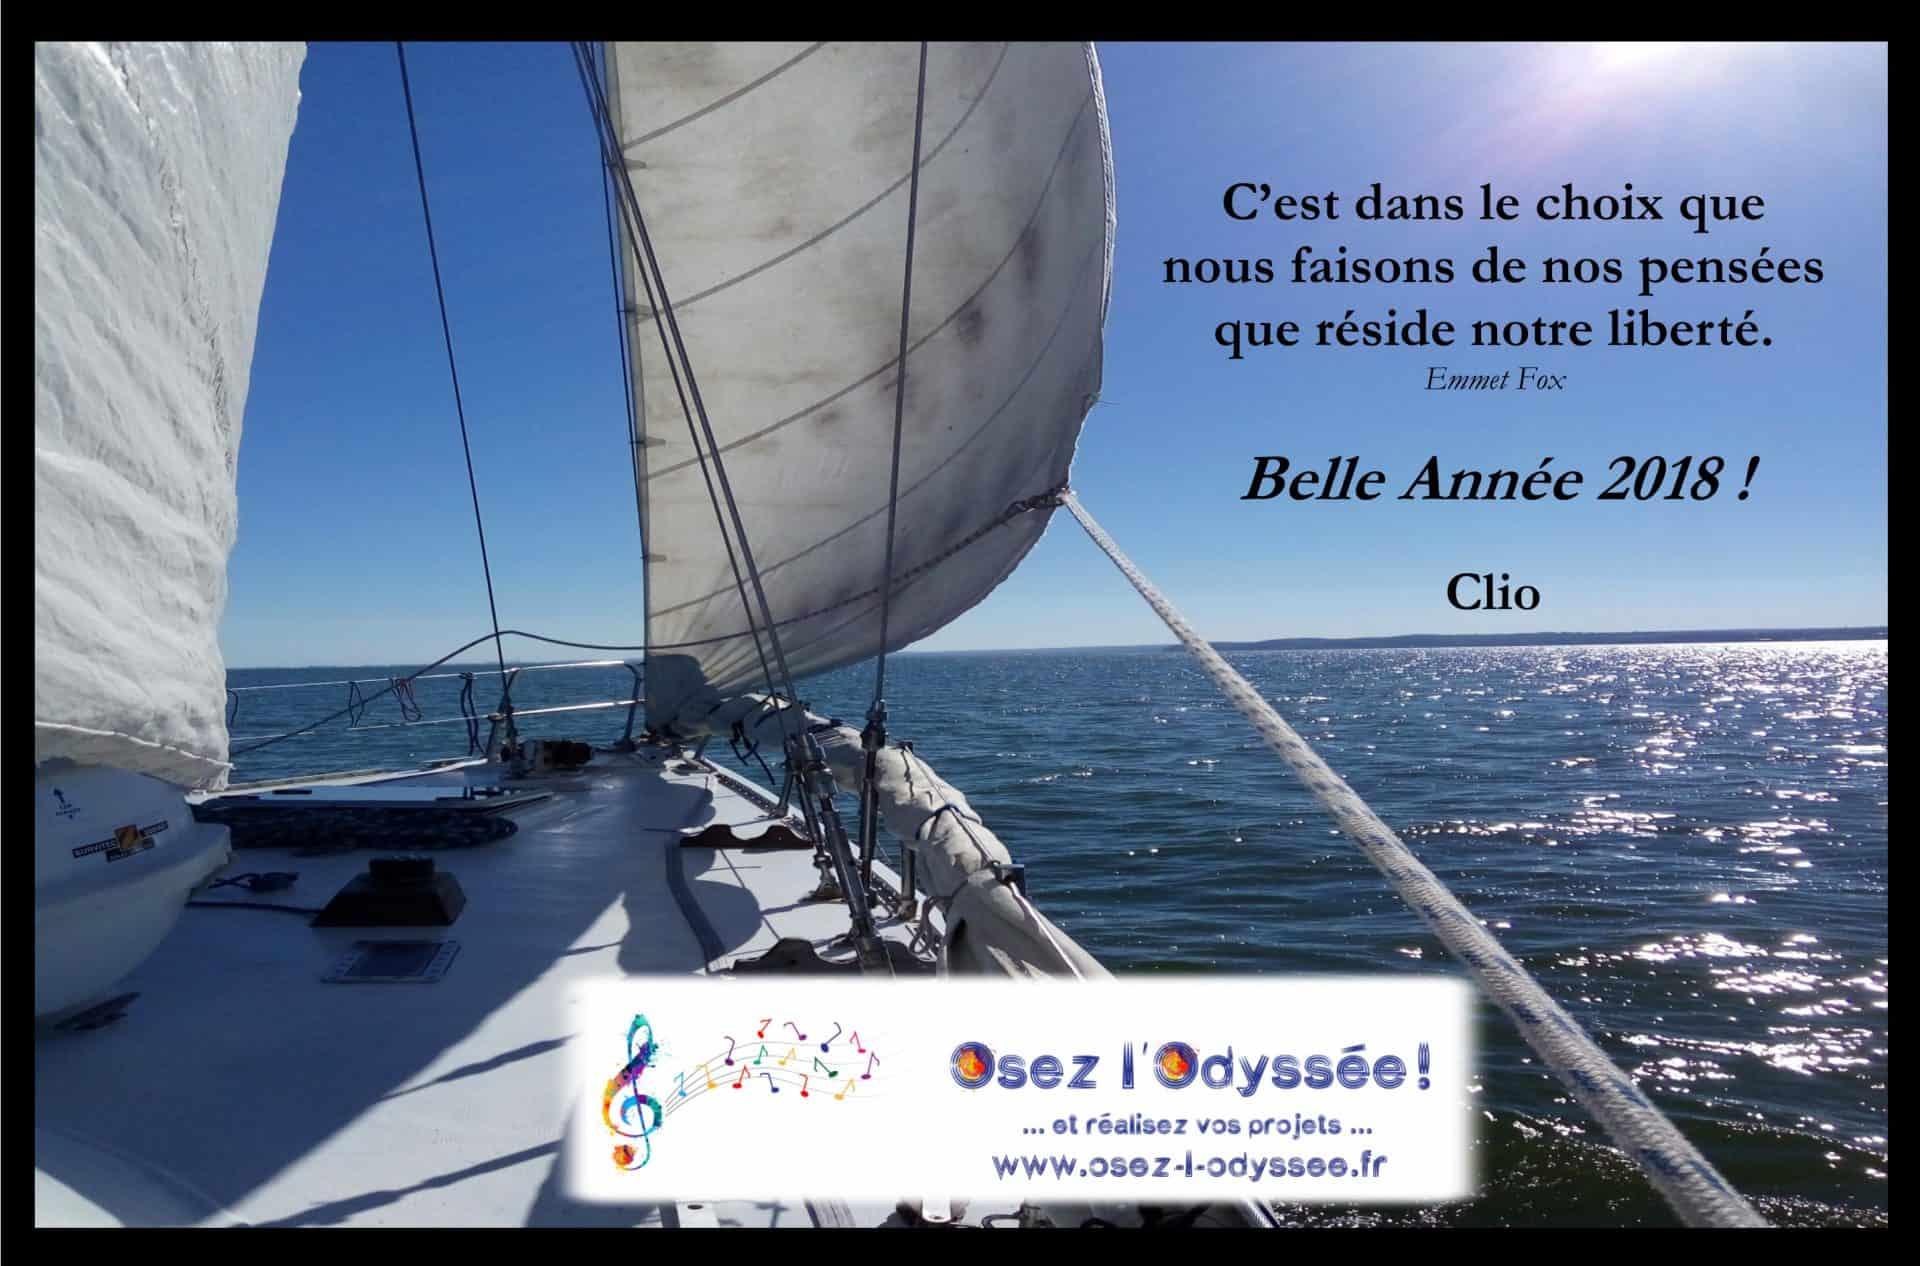 2018 vœux Osez l'Odyssee Clio Franguiadakis